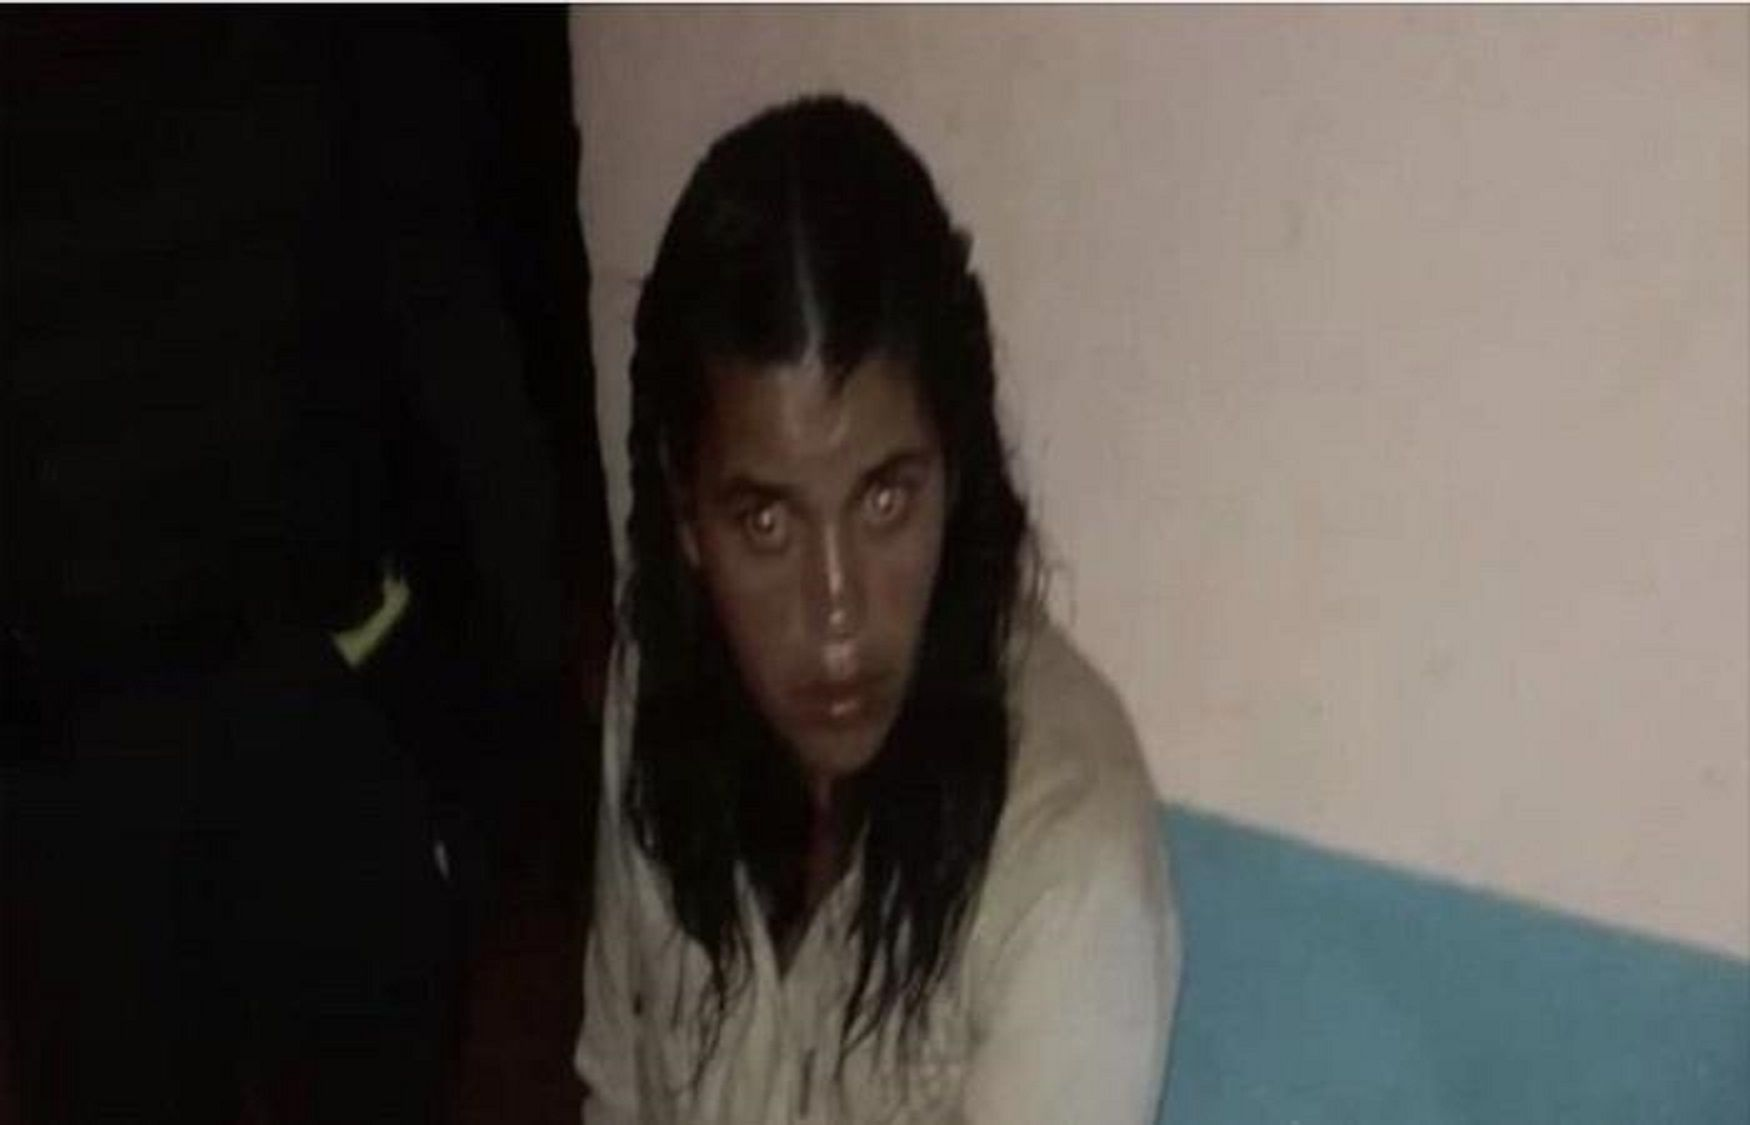 Insólito hecho en Colombia: capturaron a una supuesta bruja y dicen que se escapó volando